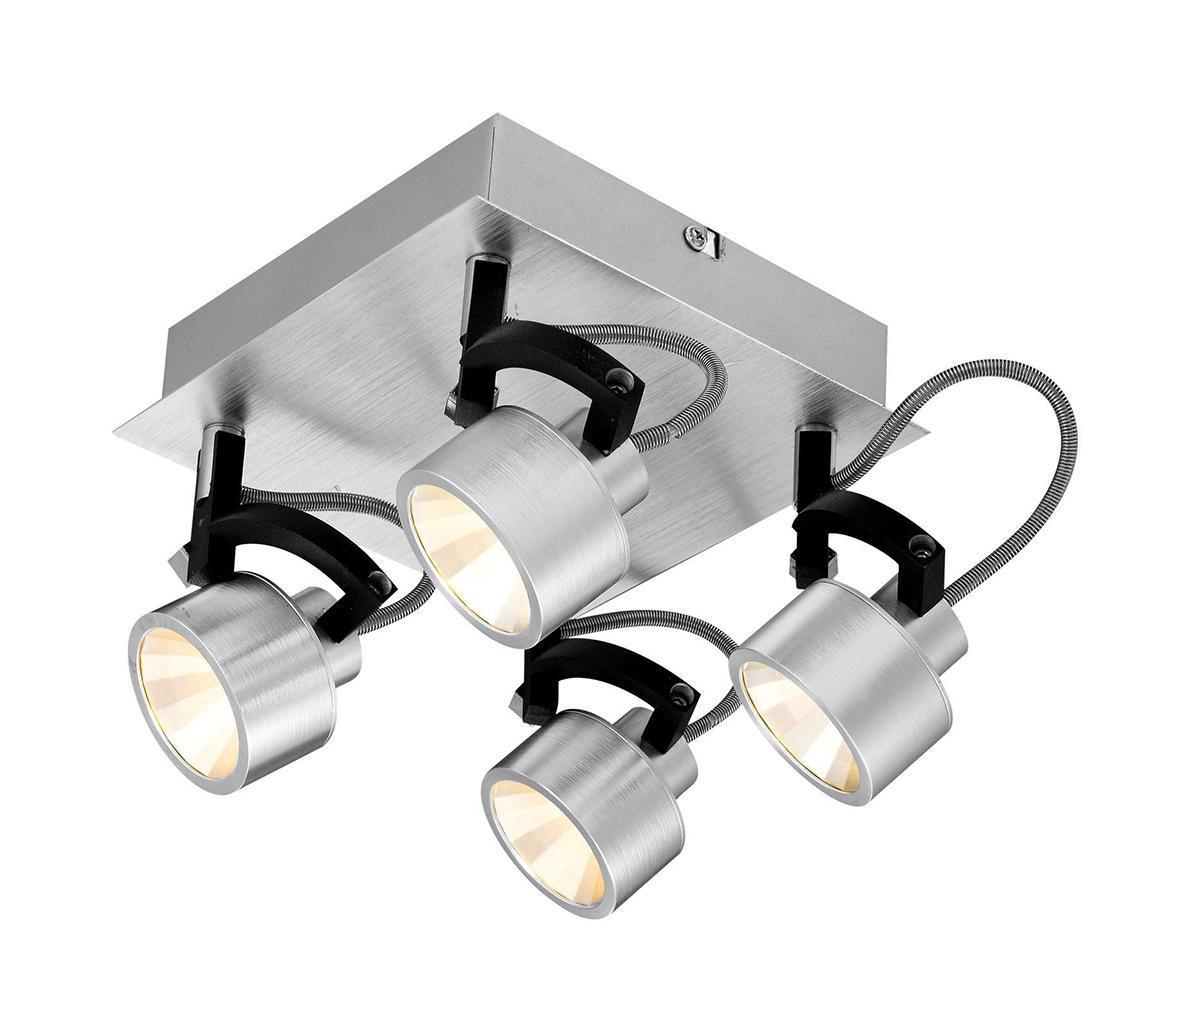 56947-4 Настенно-потолочный светильник HALEY56947-4Спот Globo 56947-4 из серии HALEY – потолочный светильник в стиле техно на металлической основе с пластиковыми плафонами Материал: Арматура: Металл/Плафон: Металл Цвет: Арматура: Серебристый/Плафон: Серебристый Размер: 18х18х15